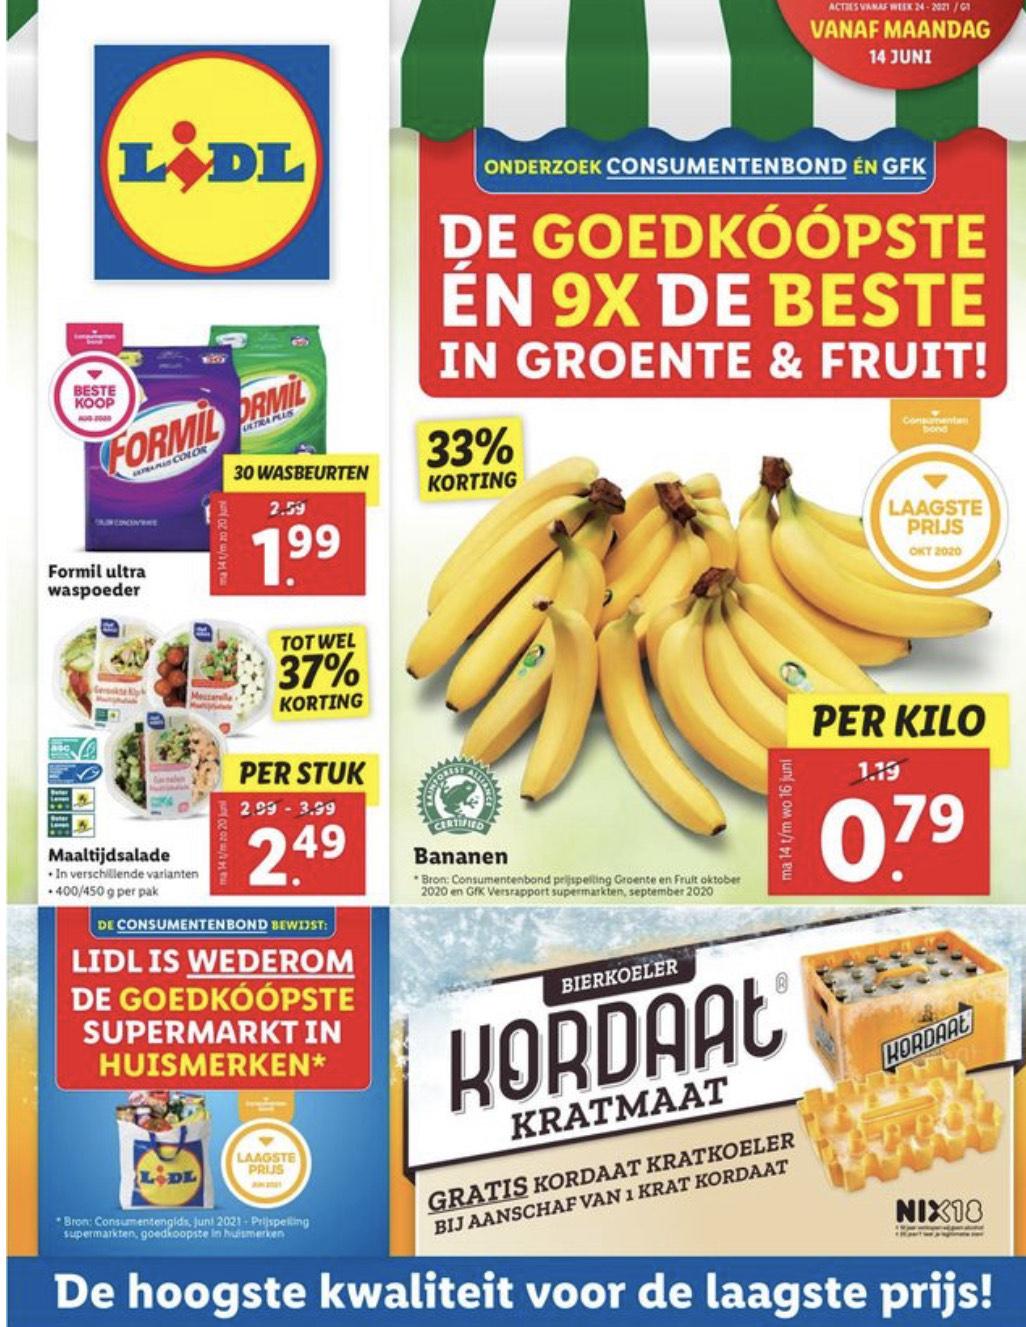 Bananen weer voor 0,79 bij Lidl